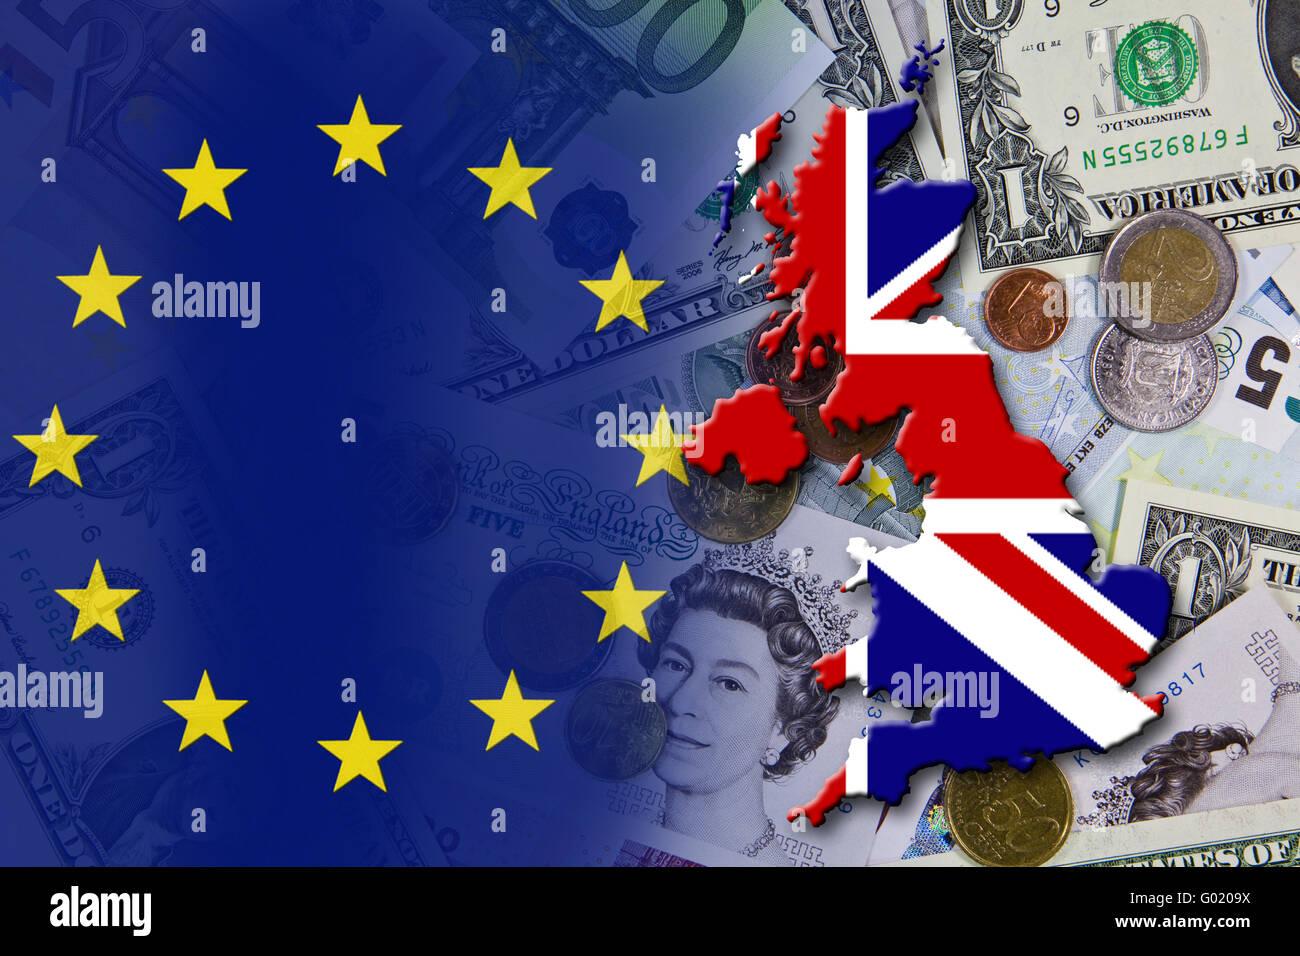 Crise financière et économique dans la zone euro en Europe, le pays Angleterre Photo Stock